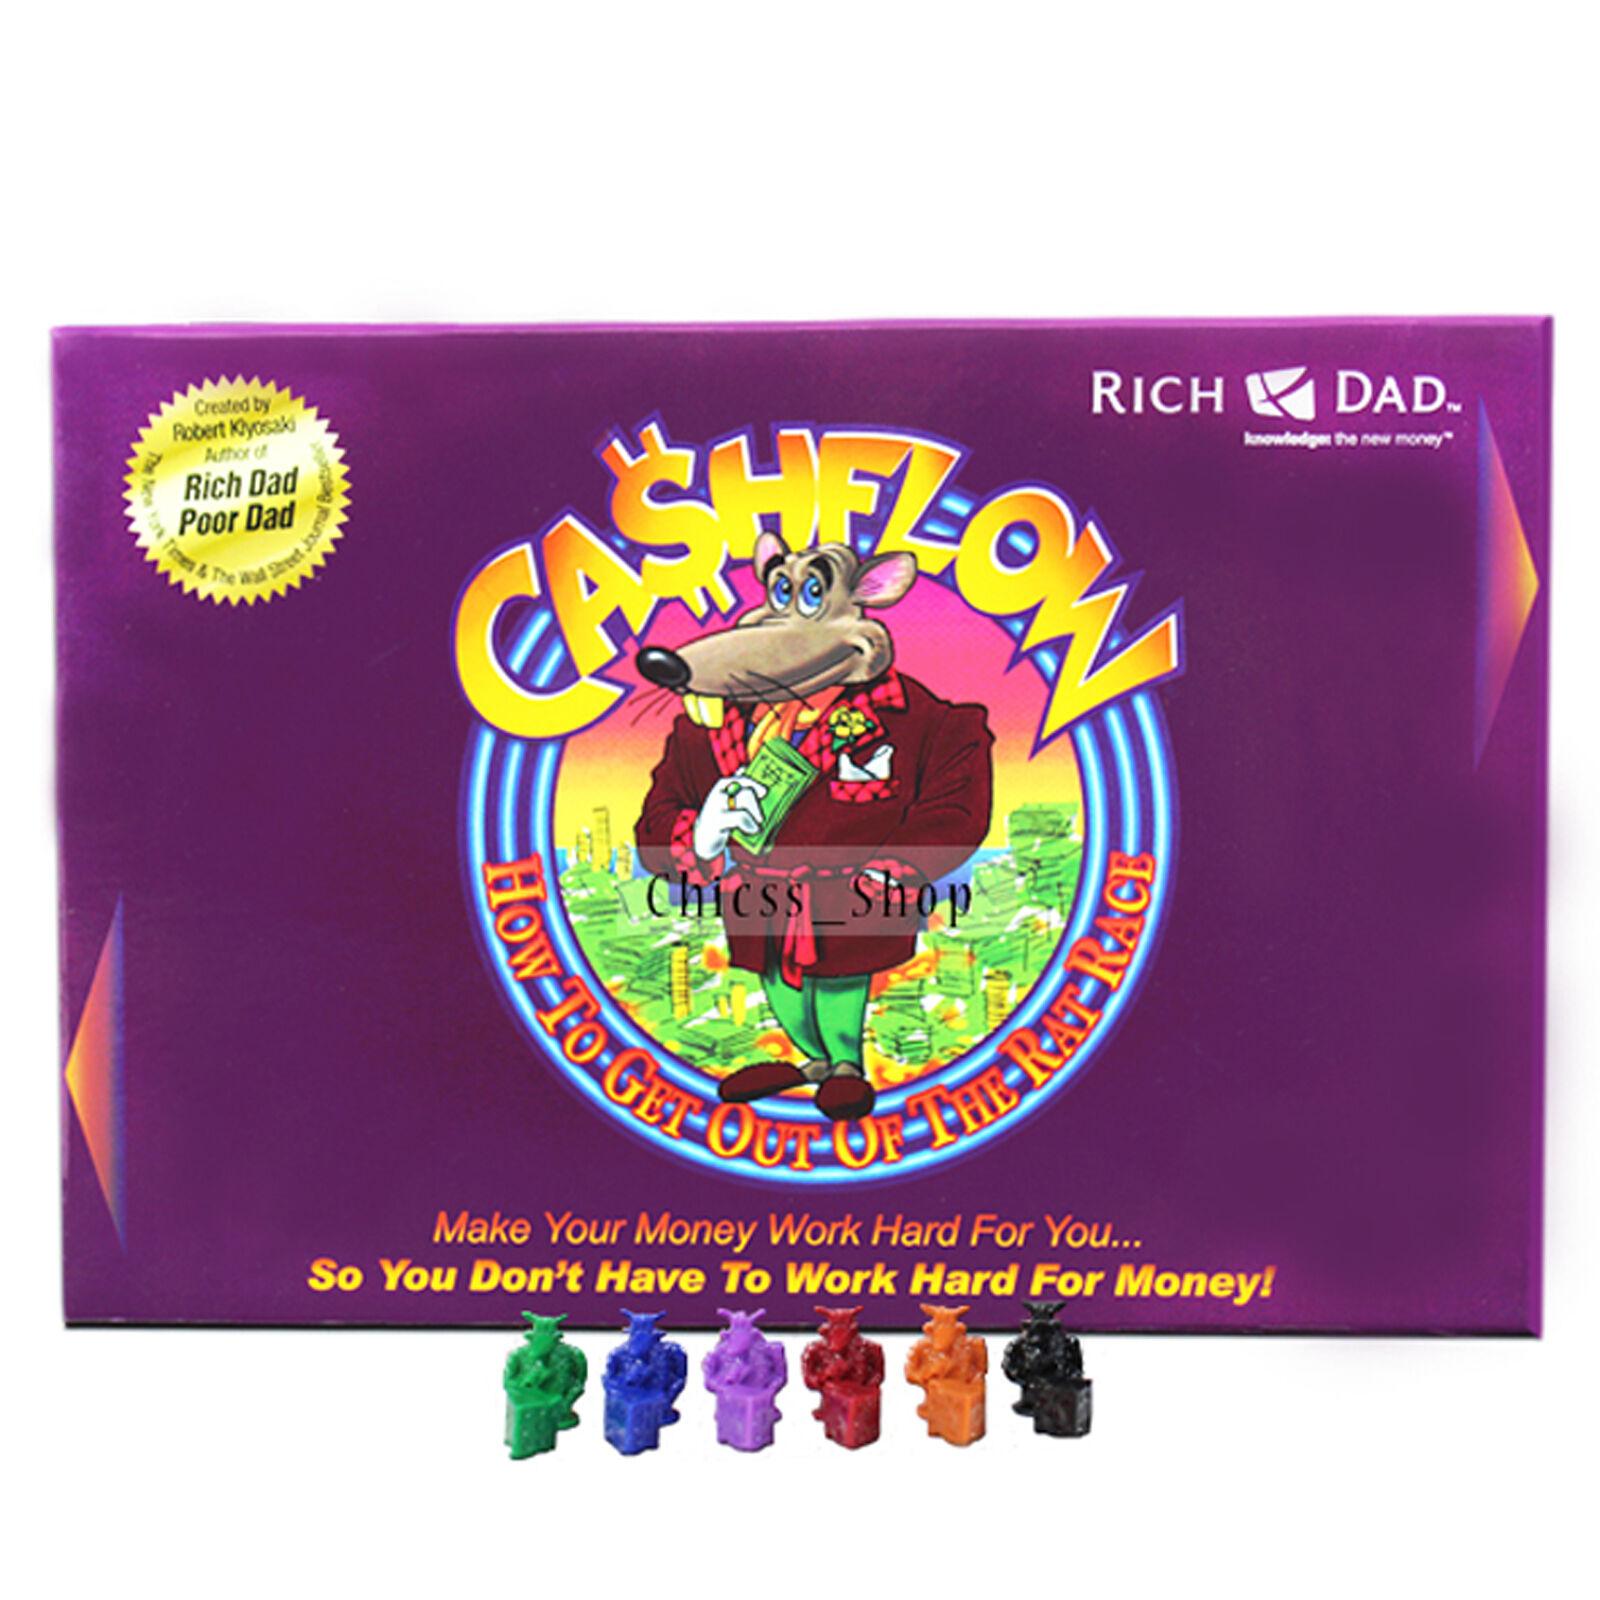 Nouveau cashflow 101 Rich Dad Robert Kiyosaki jeu de plateau mettant eau + livraison gratuite au Royaume-Uni